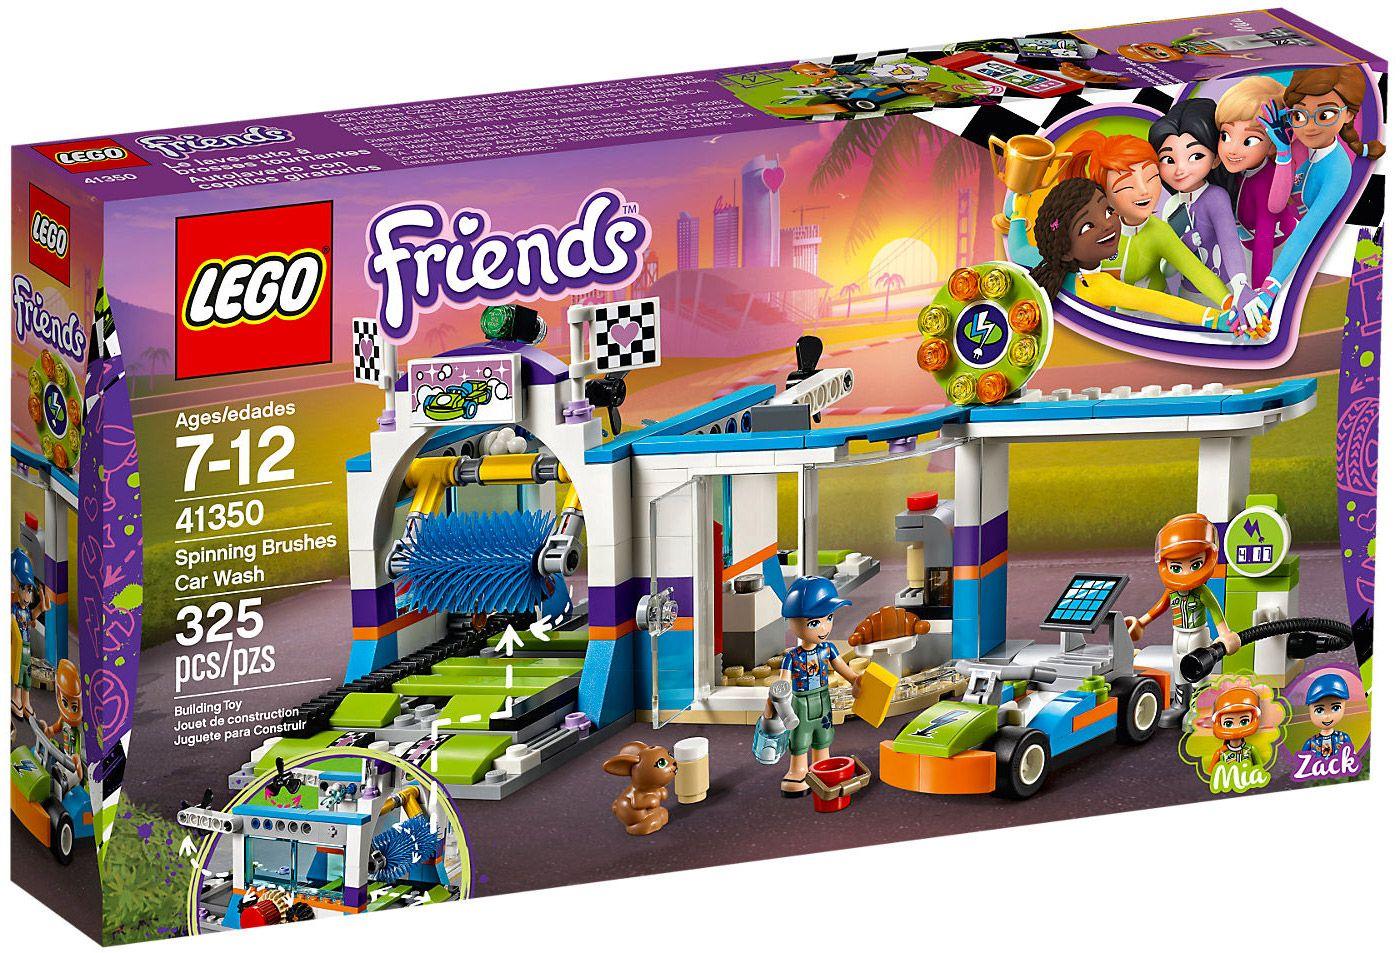 lego friends 41350 pas cher la station de lavage auto lego pinterest lego friends lego. Black Bedroom Furniture Sets. Home Design Ideas